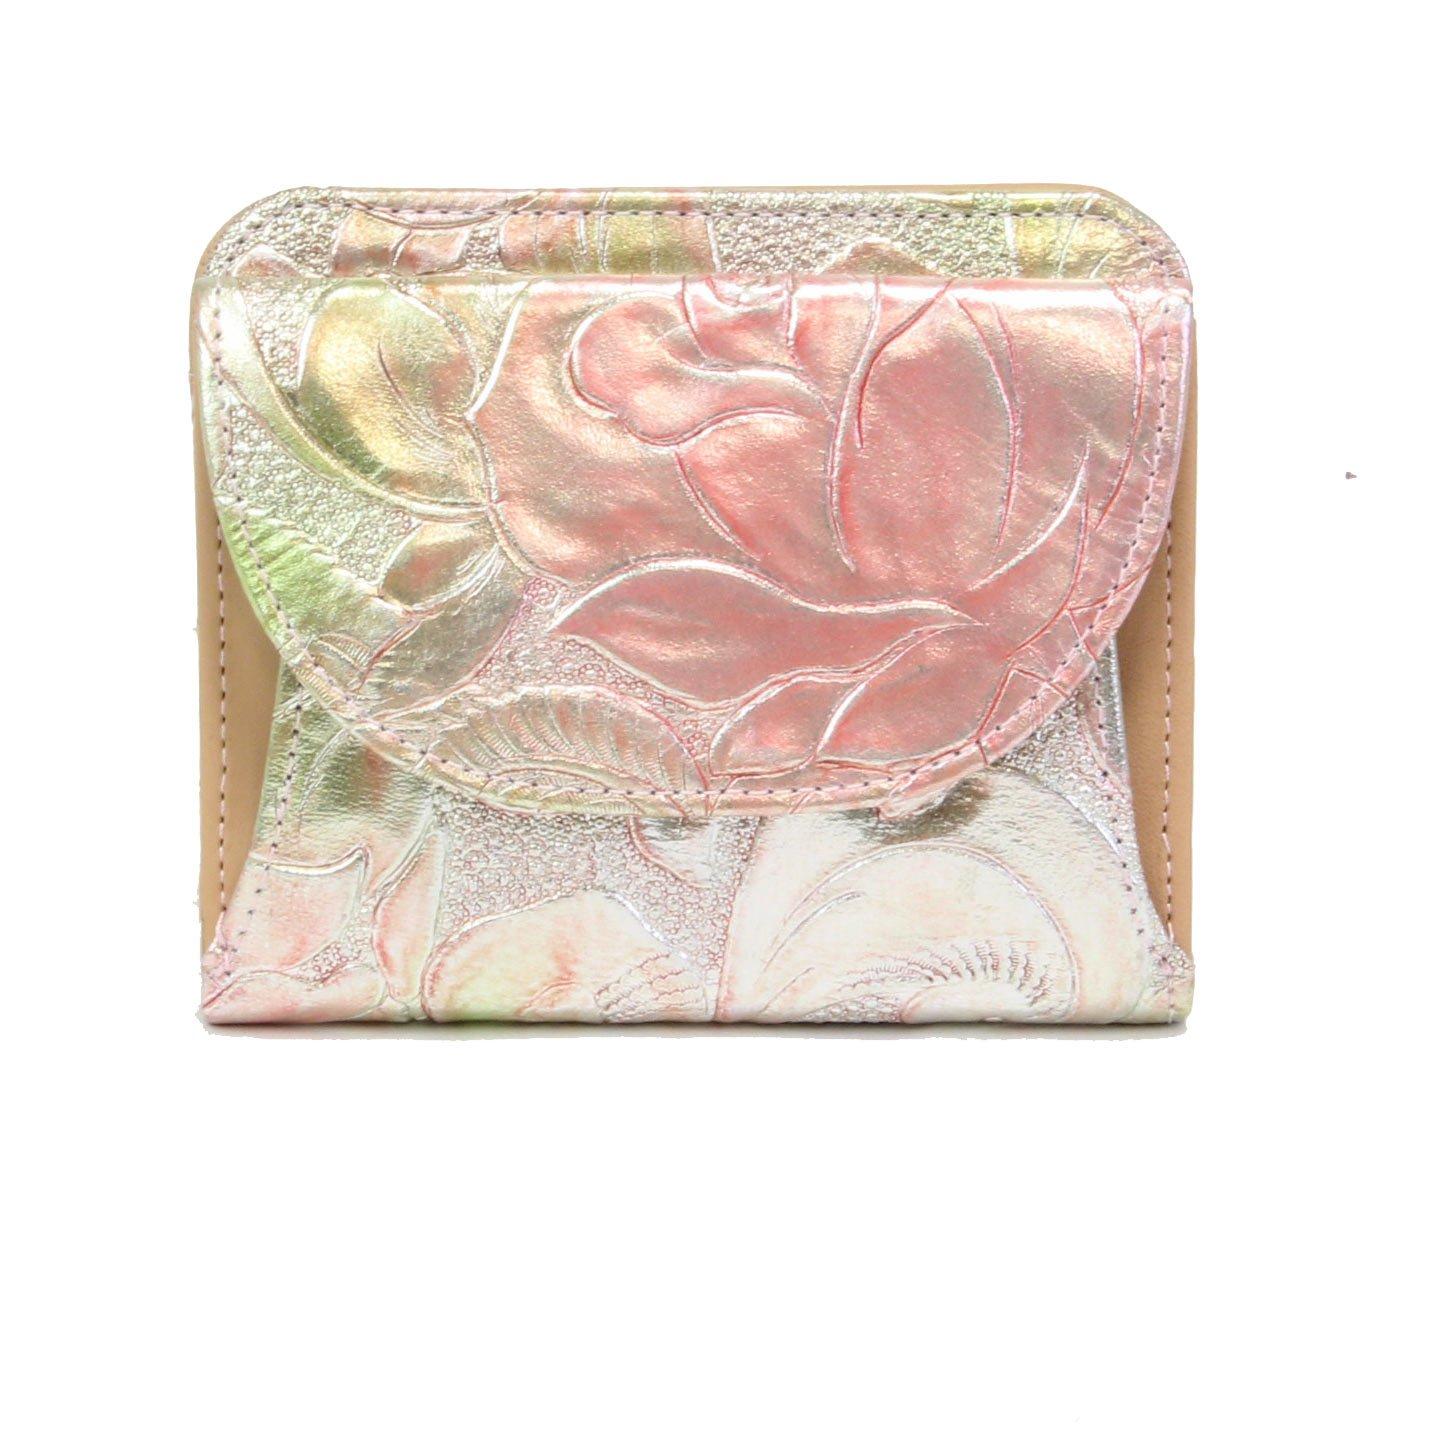 [アルカン] Arukan 財布 レディース 二つ折り フローラ 革 ローズ柄型押し 1389304 B00E9QUJM0  ピンク(31)